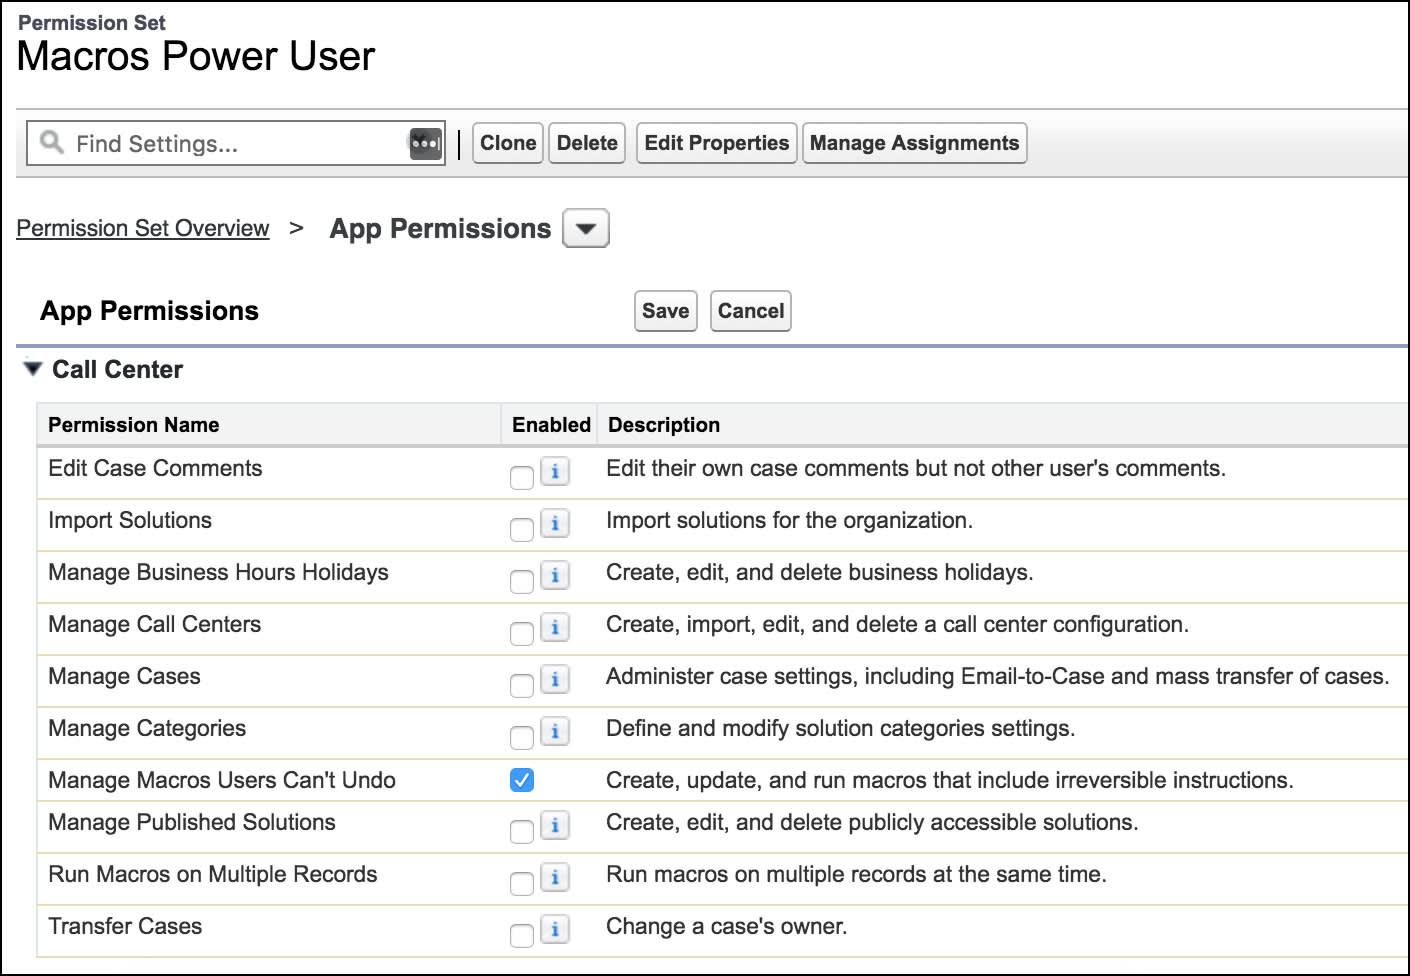 Page permettant de créer un ensemble d'autorisations, montrant l'autorisation Gérer les macros que les utilisateurs ne peuvent pas annuler